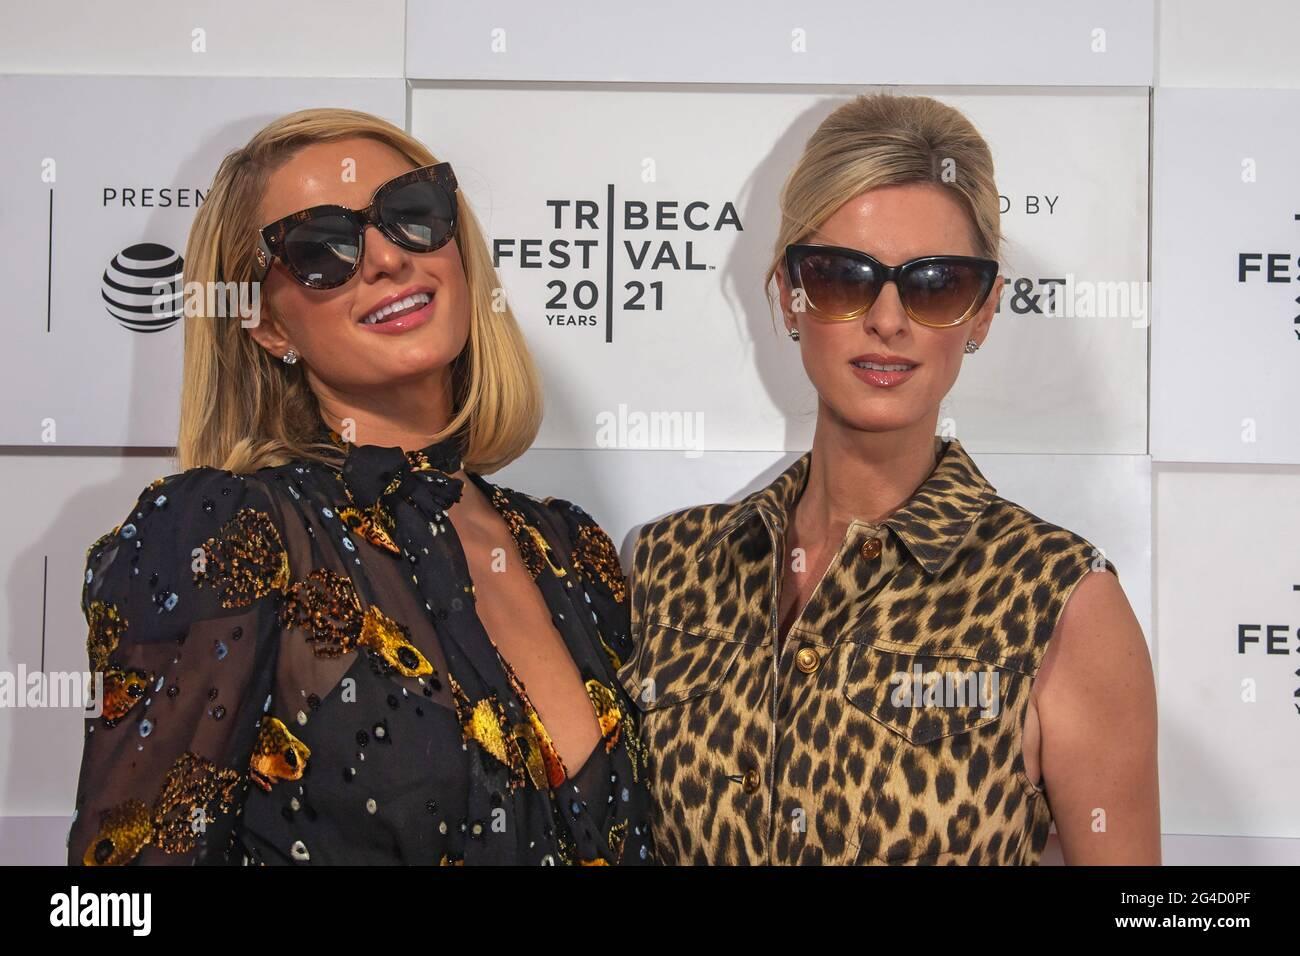 NEW YORK, NEW YORK - GIUGNO 20: Paris Hilton e Nicky Hilton partecipano alla prima 'This is Paris' durante il Tribeca Festival 2021 presso Hudson Yards il 20 Giugno 2021 a New York City. Foto Stock